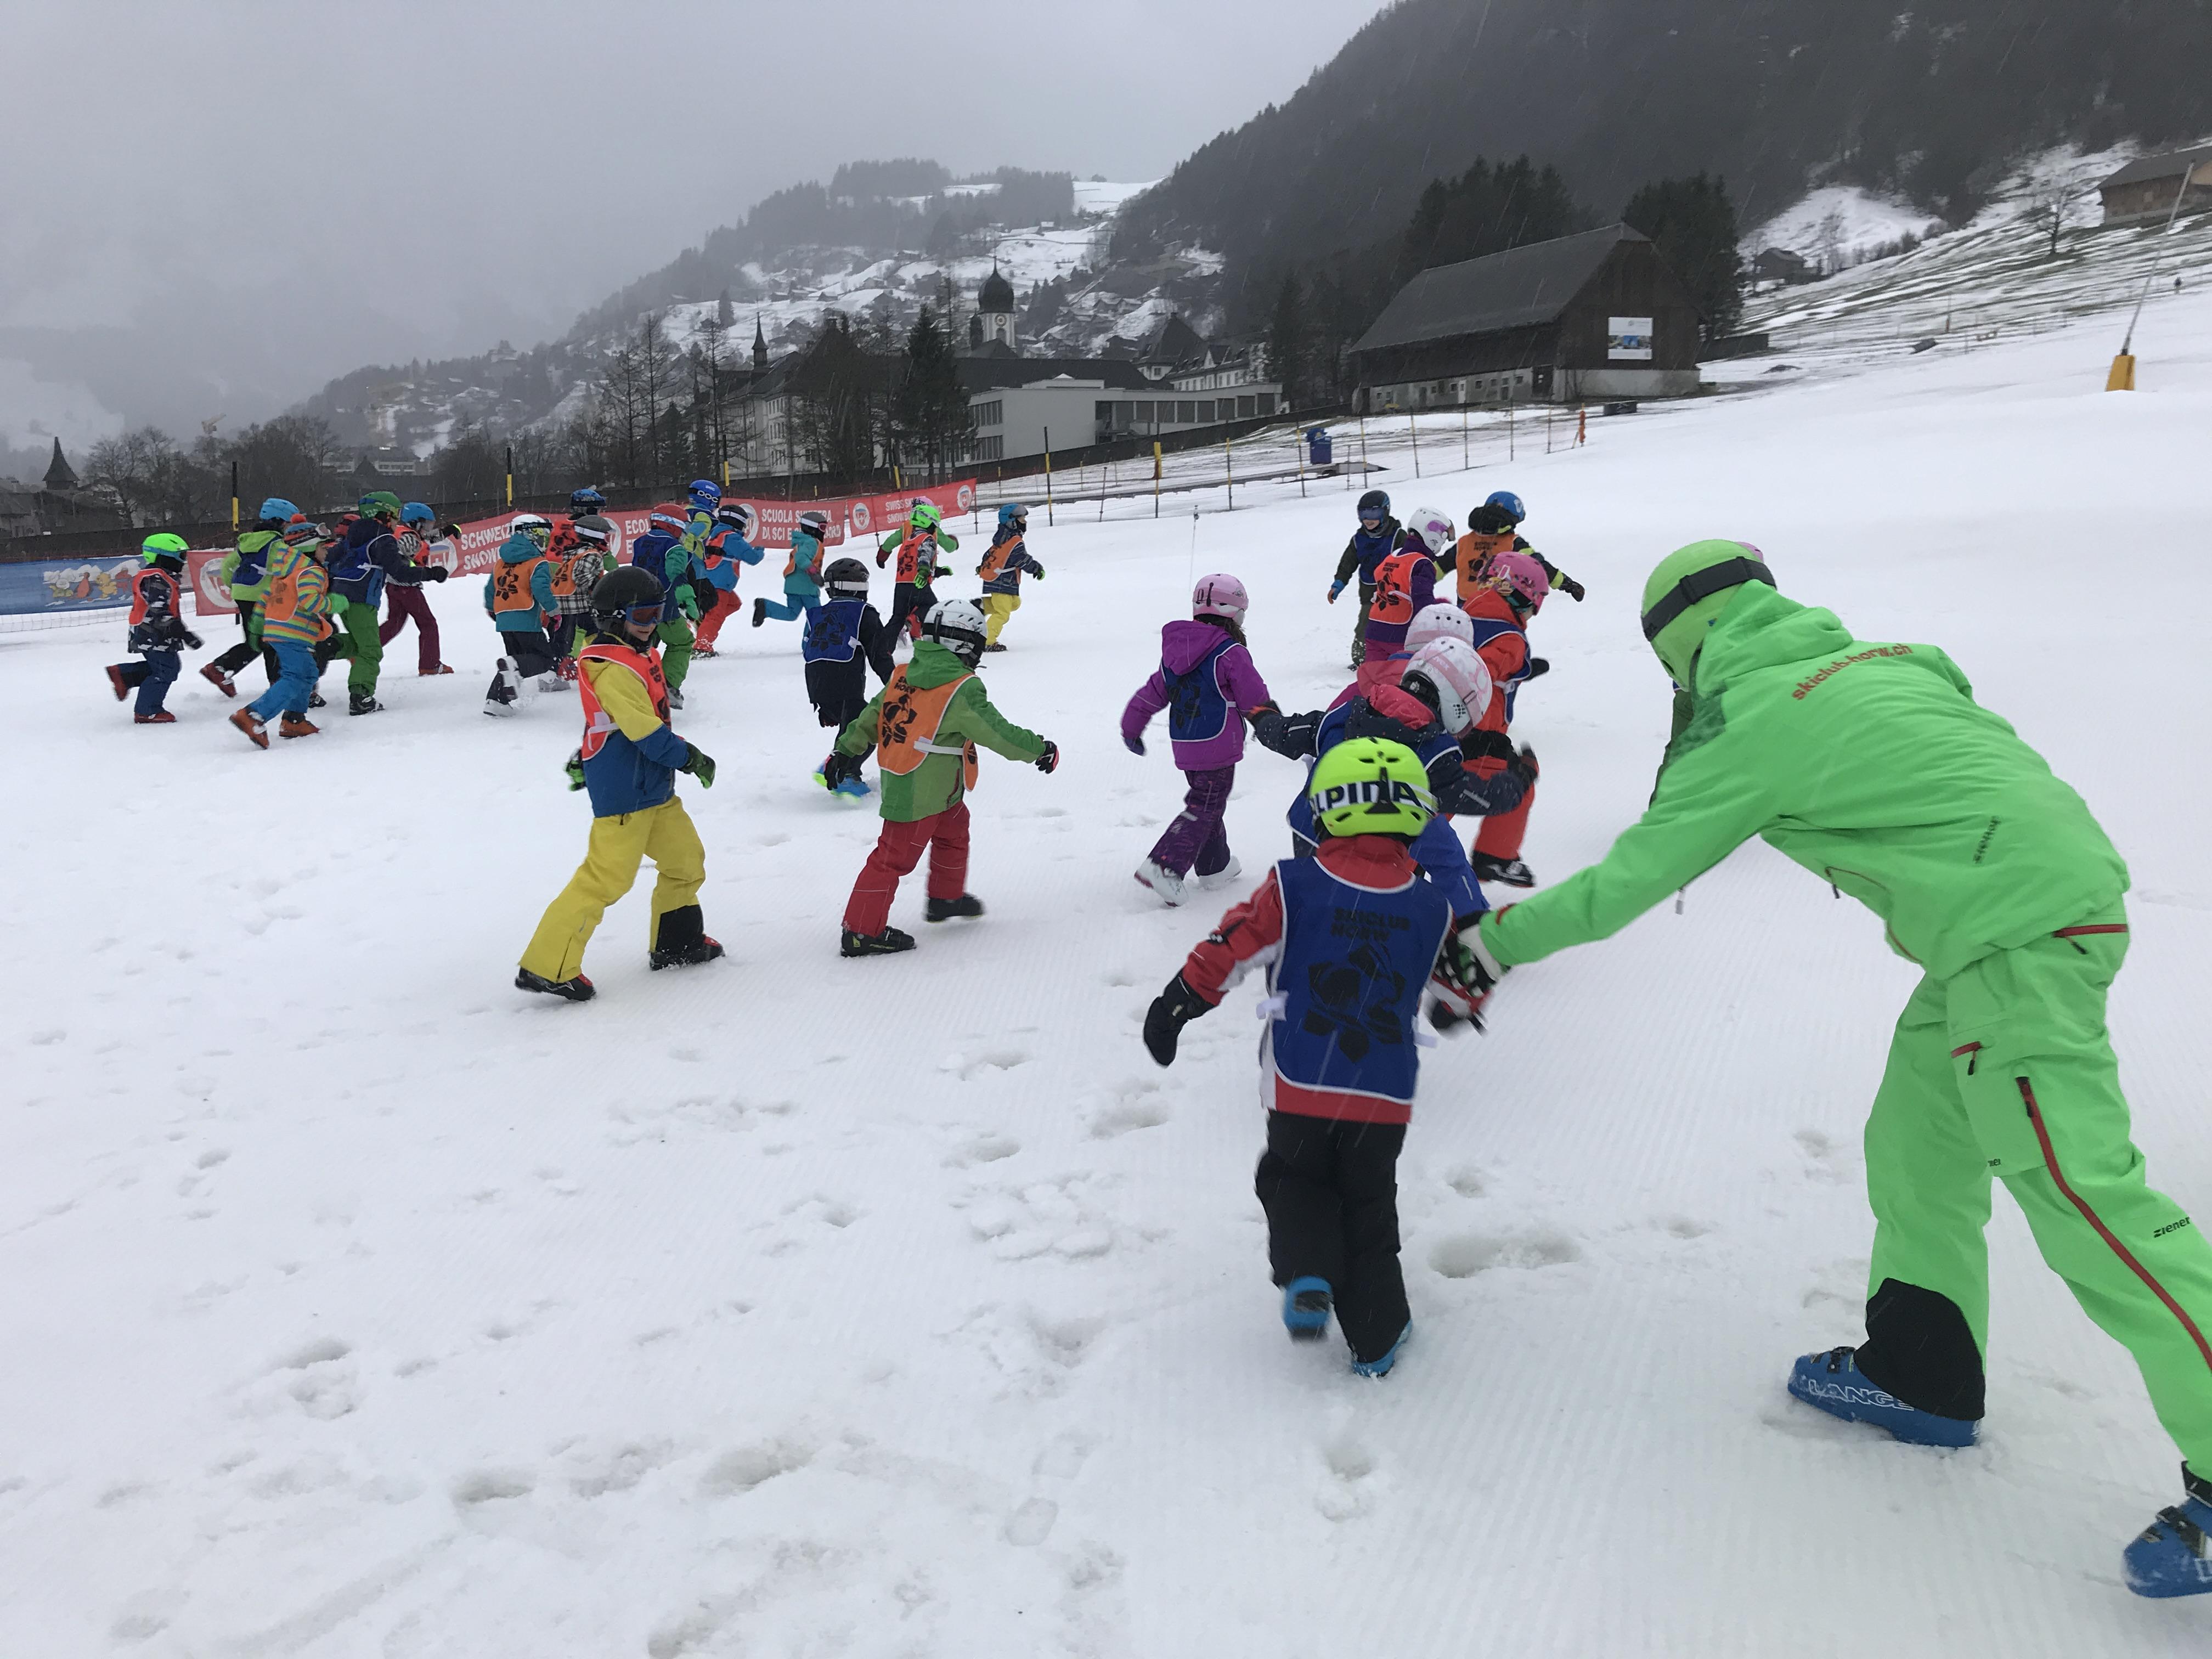 2018.01.21 - Schneehasen 1.+2. Tag - Brunni/Engelberg